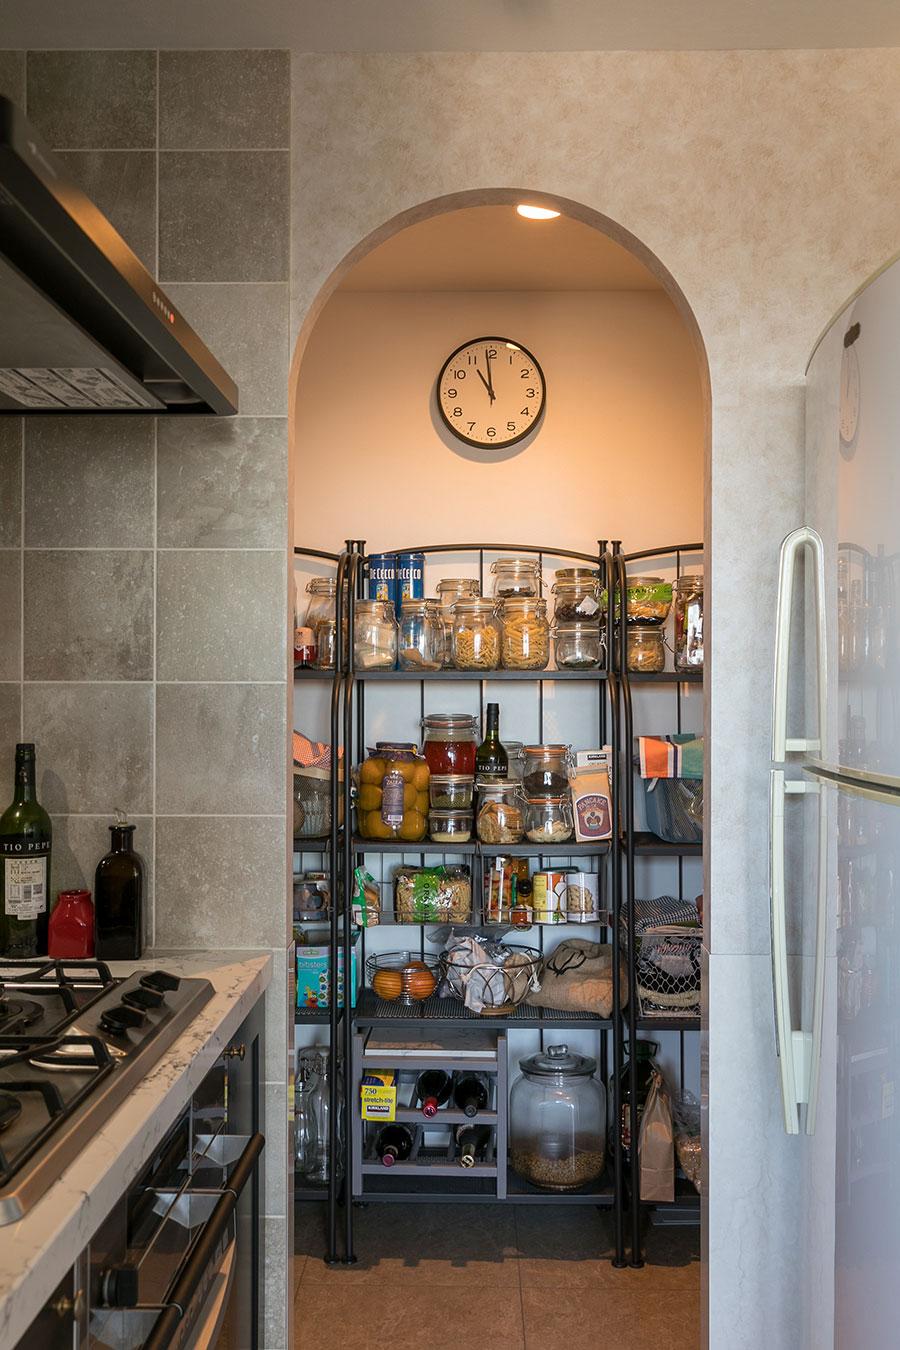 待望だったというキッチン奥にあるパントリー。収納スペースも十分に確保。